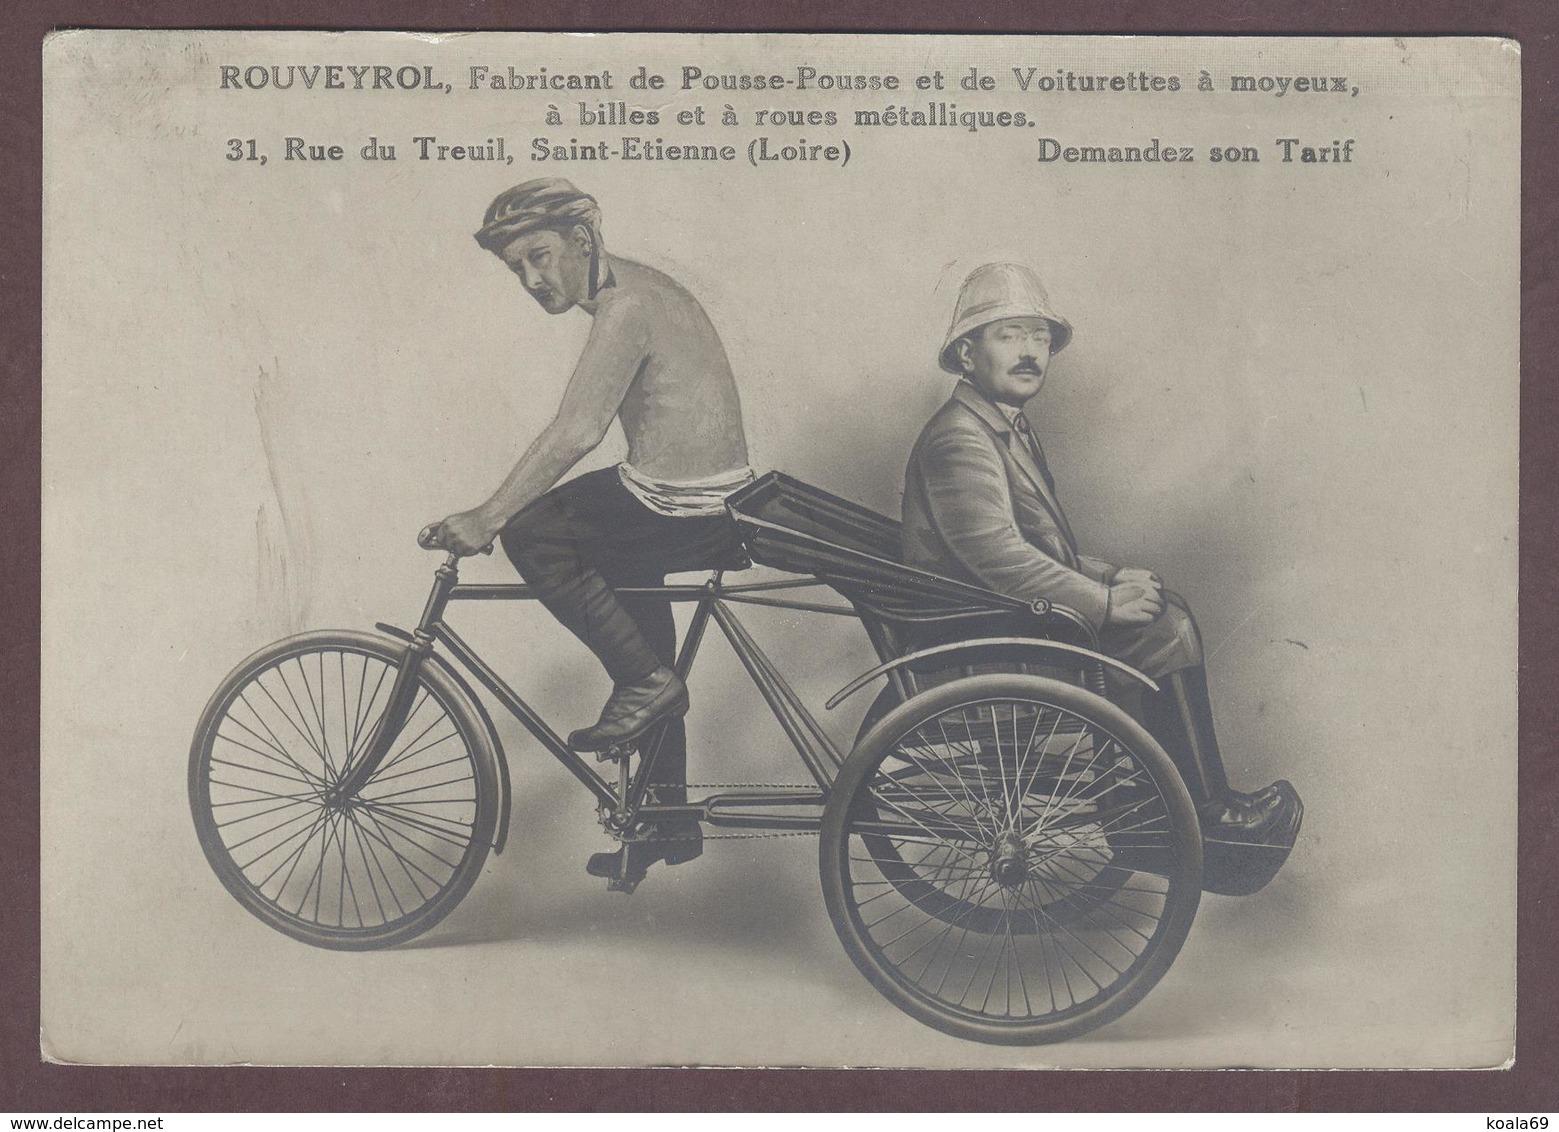 Carton Publicitaire Rouveyrol Fabricant De Pousse-pousse Voiturettes à Moyeux Tricycle   Pousse Pousse St Etienne  Loire - Saint Etienne